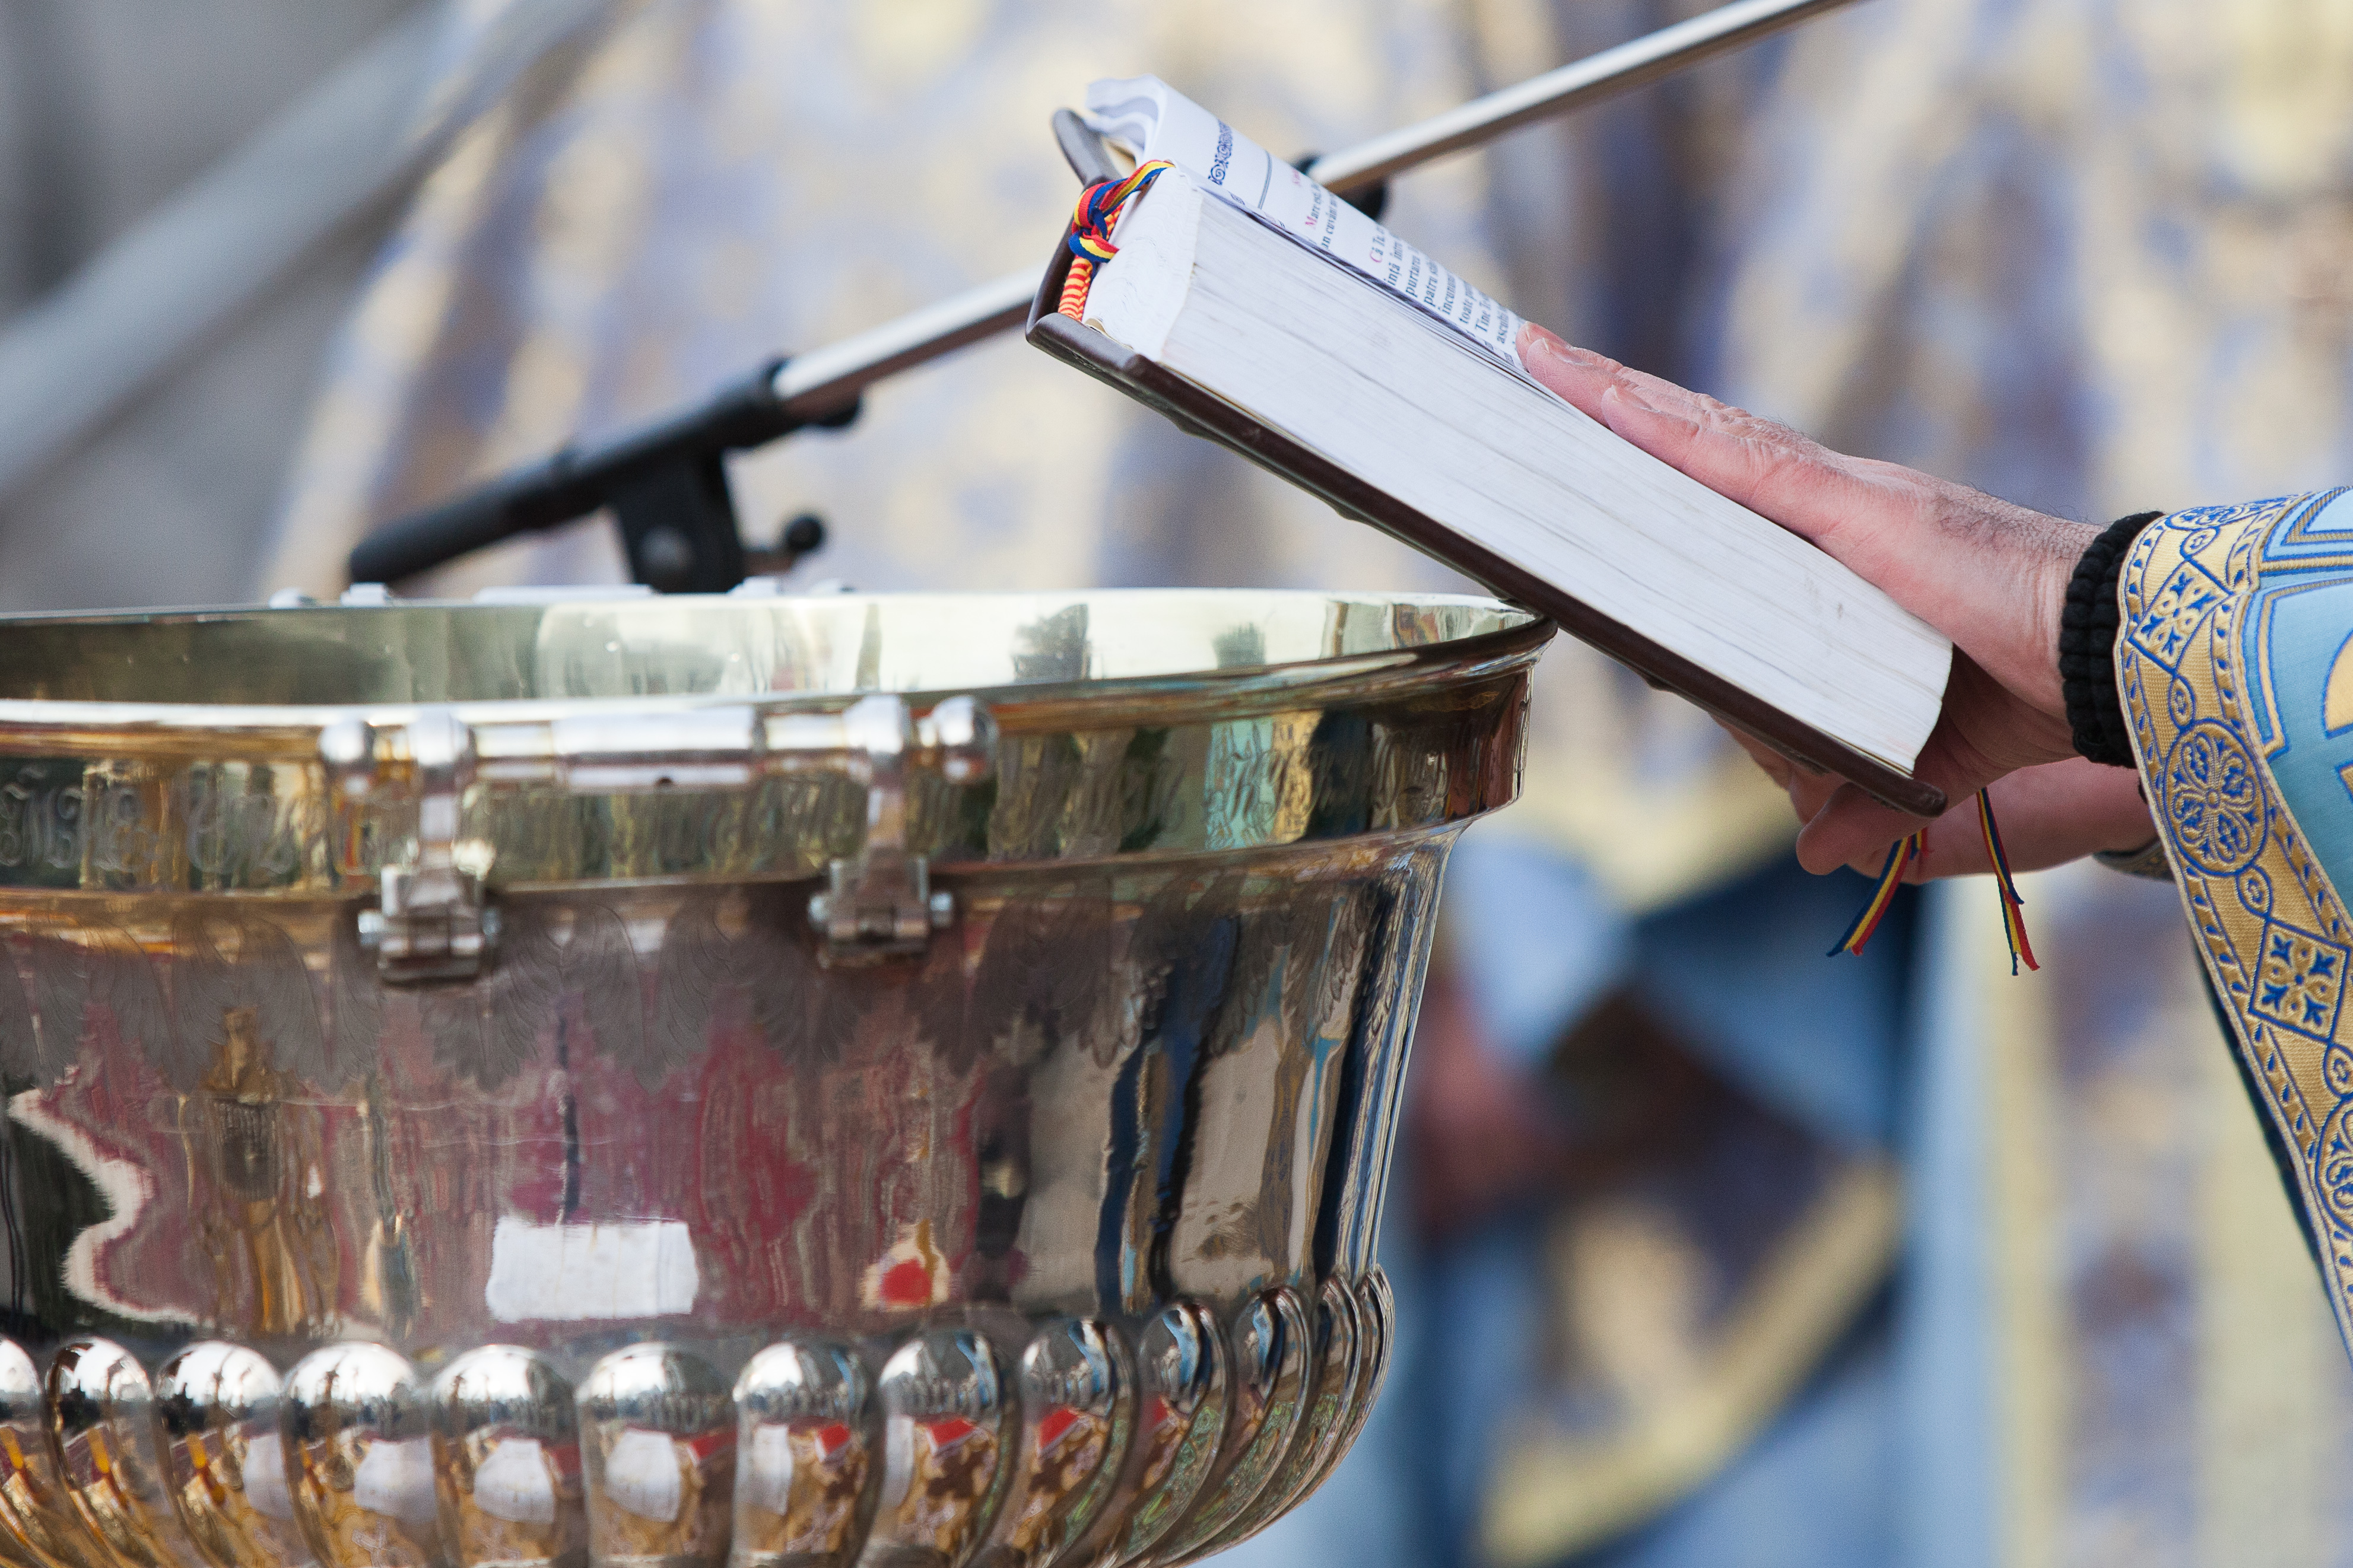 10.000 de litri de apă pentru Bobotează, pregătiţi în curtea Catedralei Mitropolitane din Iaşi / Temperaturile ridicate au împiedicat realizarea unei cruci de gheaţă